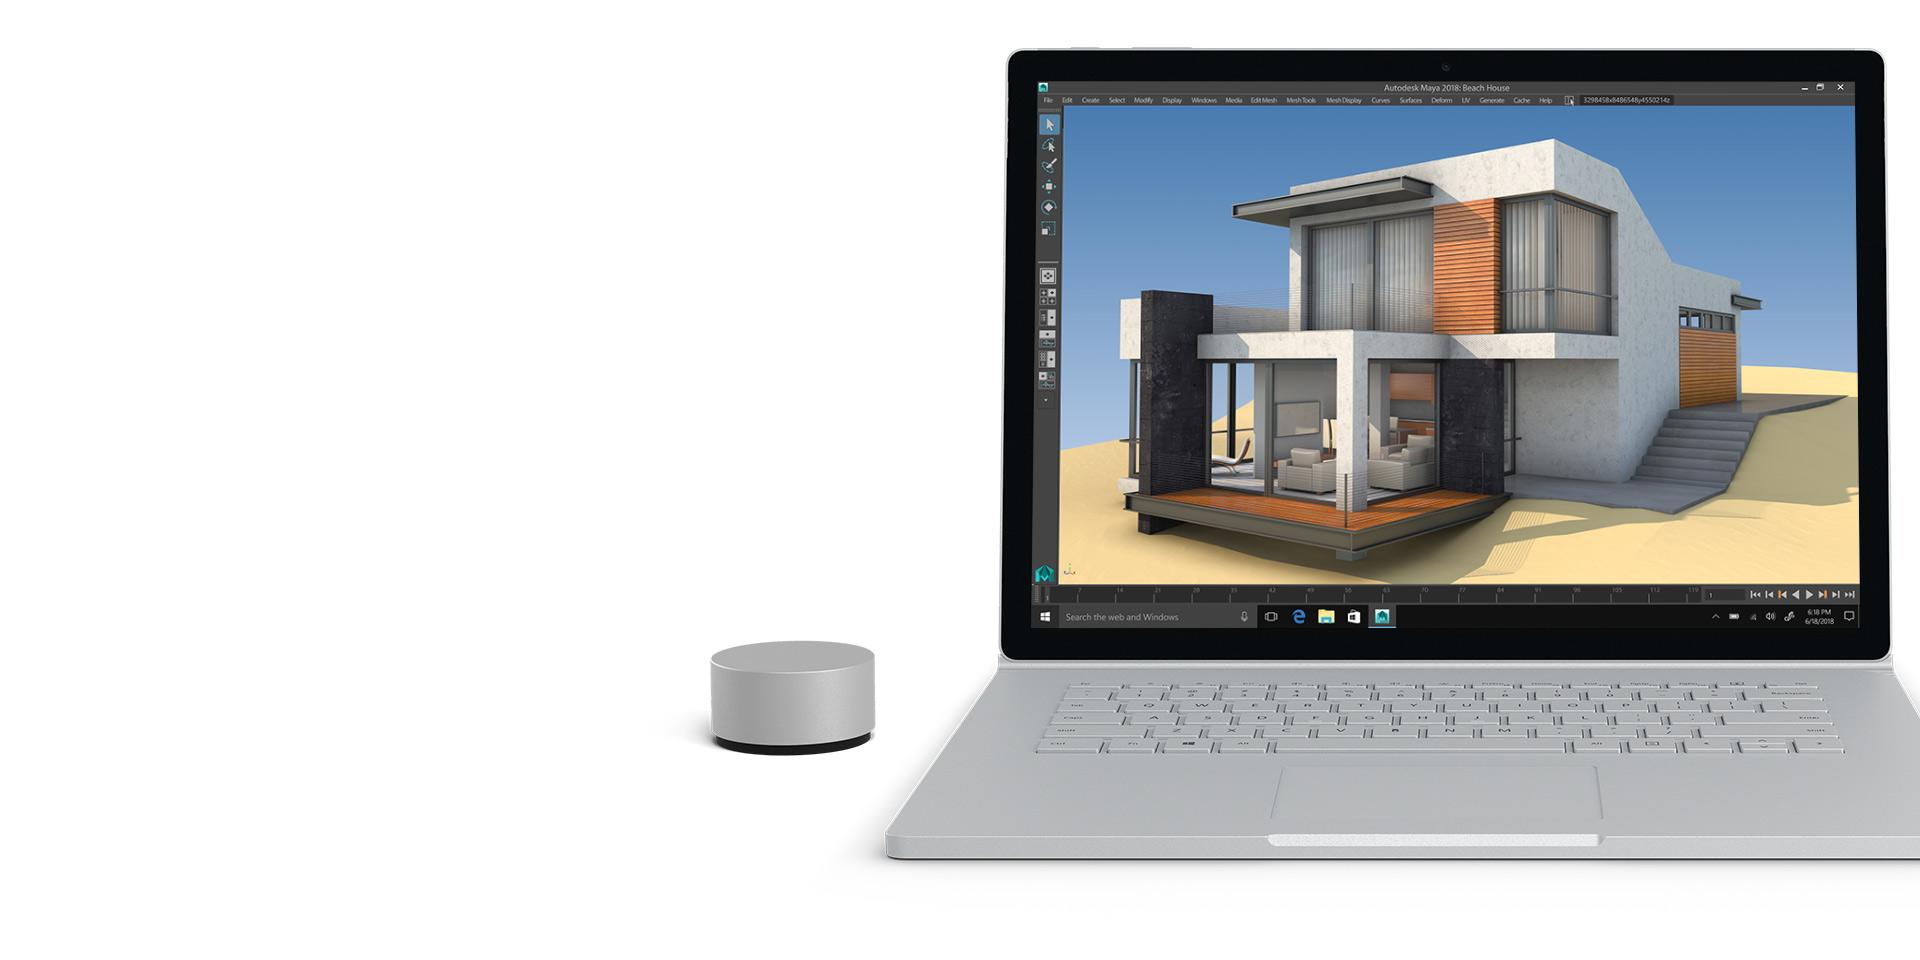 Autodesk Maya sur l'écran d'un Surface Book 2